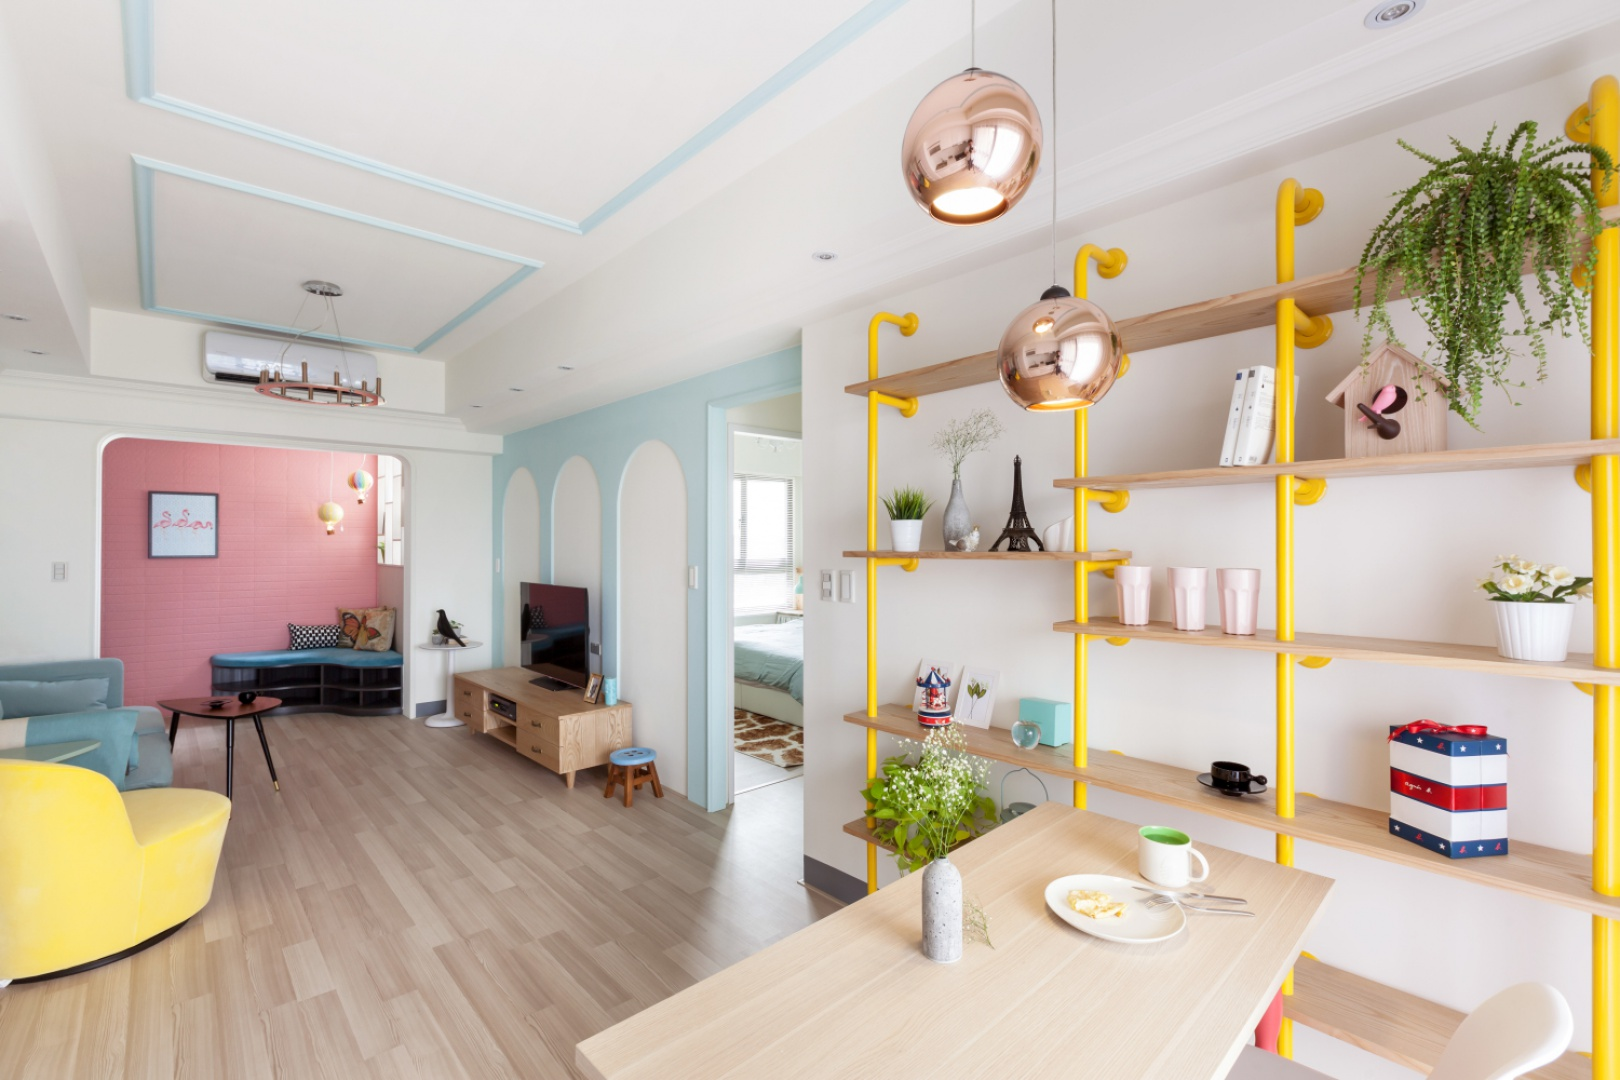 Drewniane elementy umeblowania to w znacznej mierze proste formy, pozbawione zbędnych ornamentów. Kontrastują z fantazyjnymi kształtami kolorowego wyposażenia mieszkania i stanowią wizualną równowagę. Projekt: HAO Design Studio. Fot. Hey! Cheese.